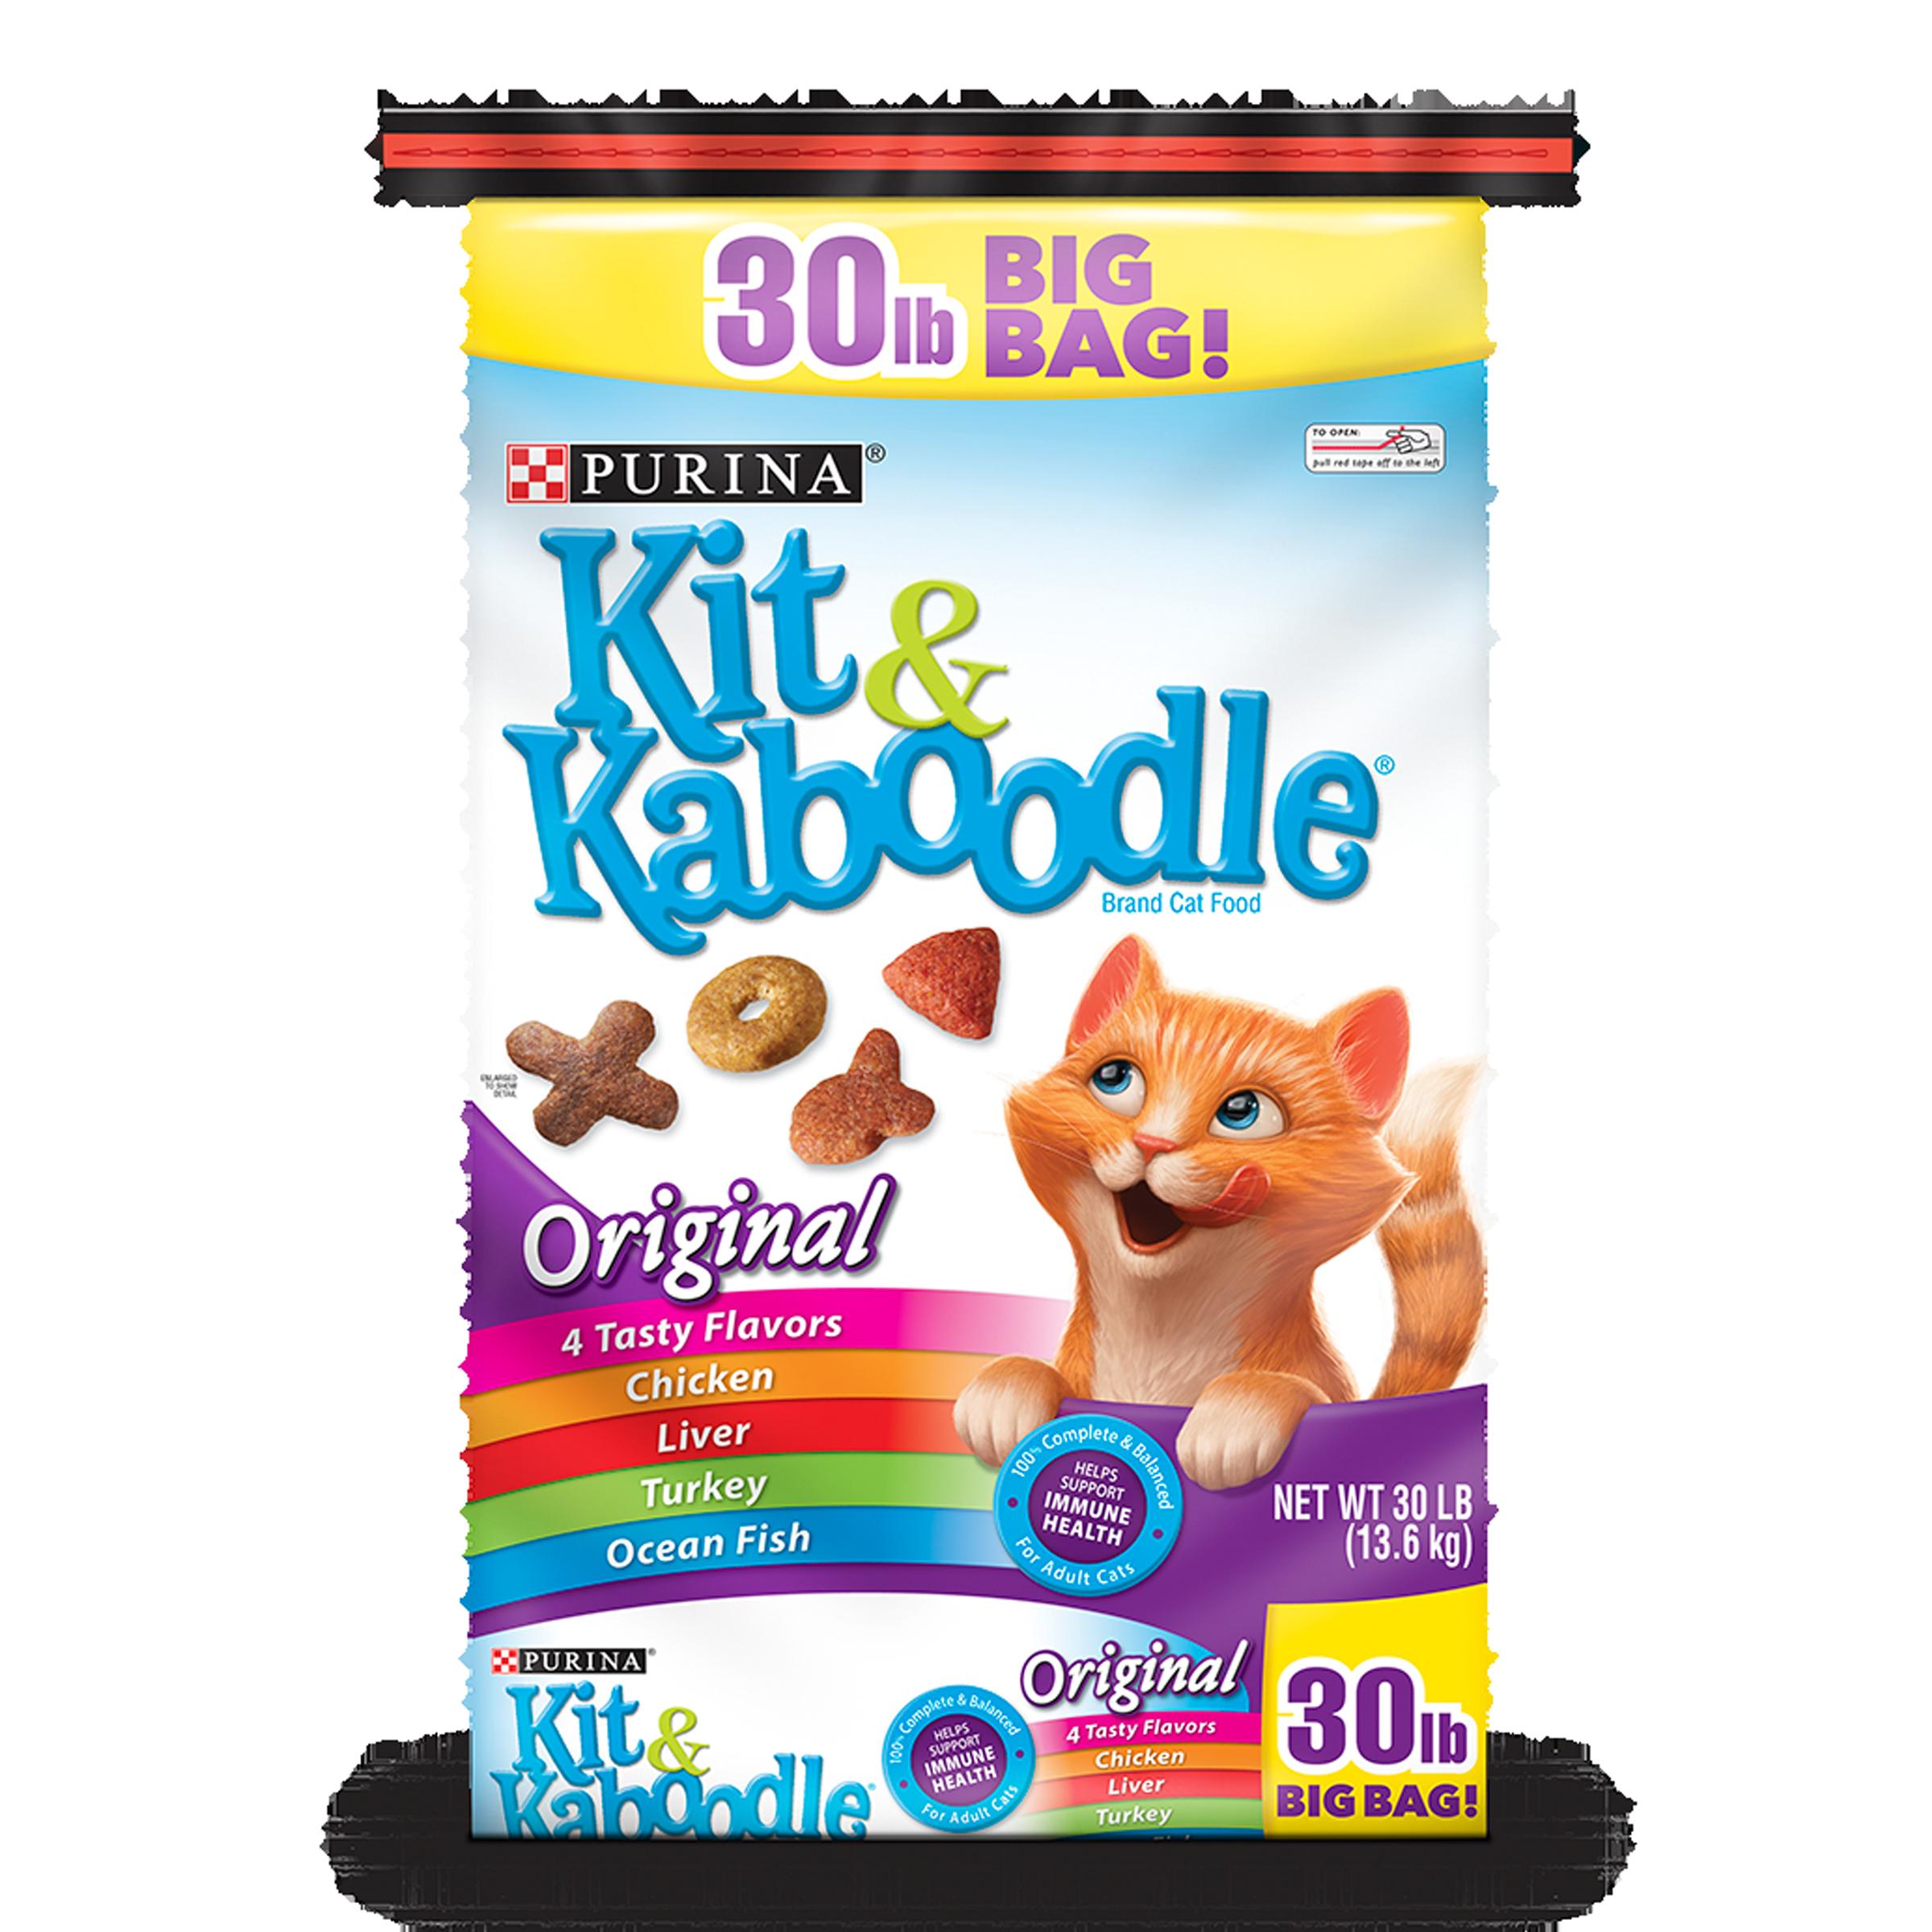 Purina Kit & Kaboodle Original Adult Dry Cat Food, 30 lb